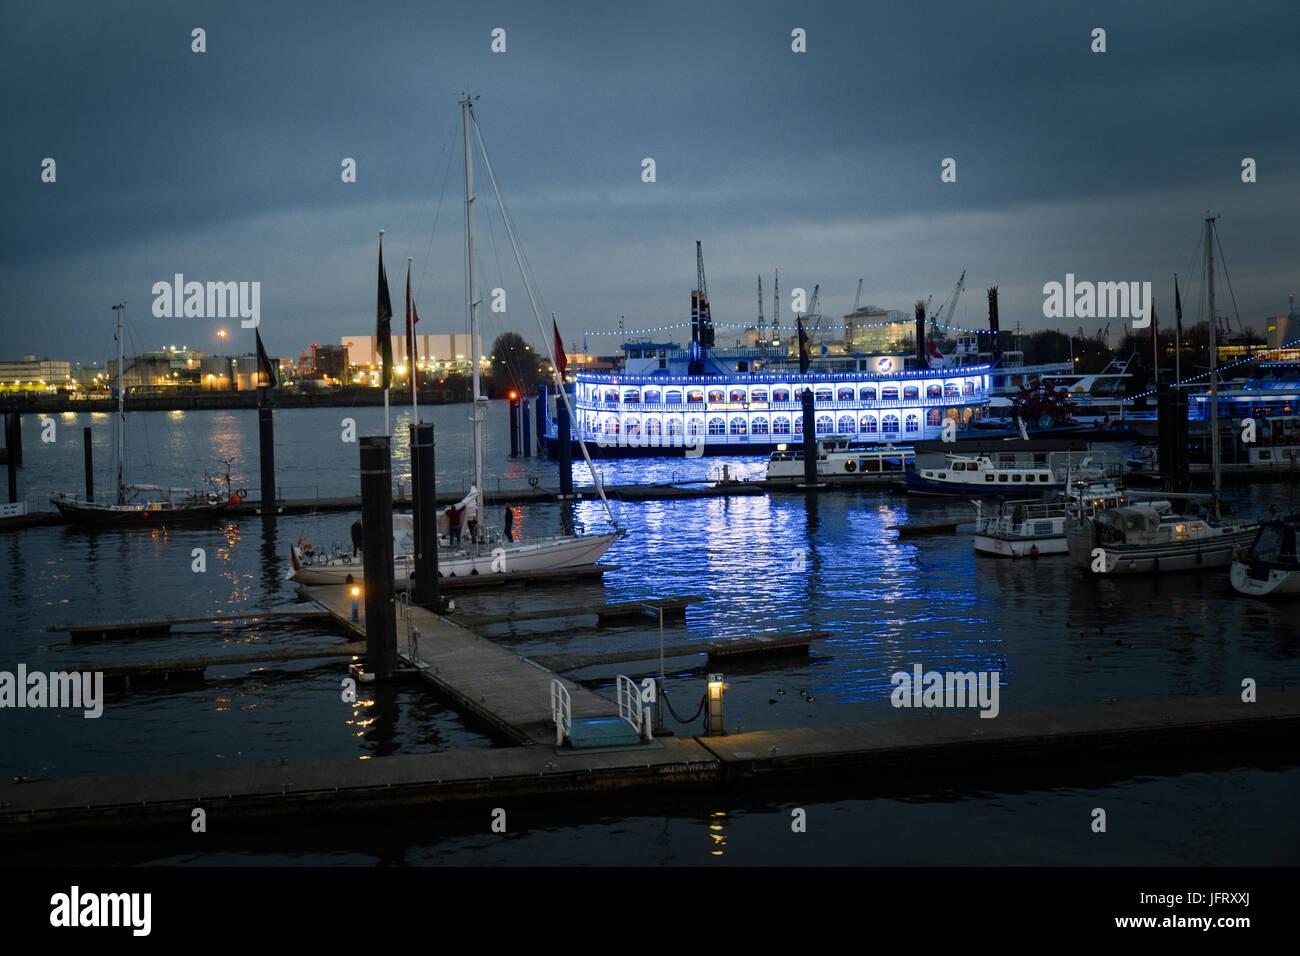 Mississippi Dampfer, Hamburger Hafen - Stock Image